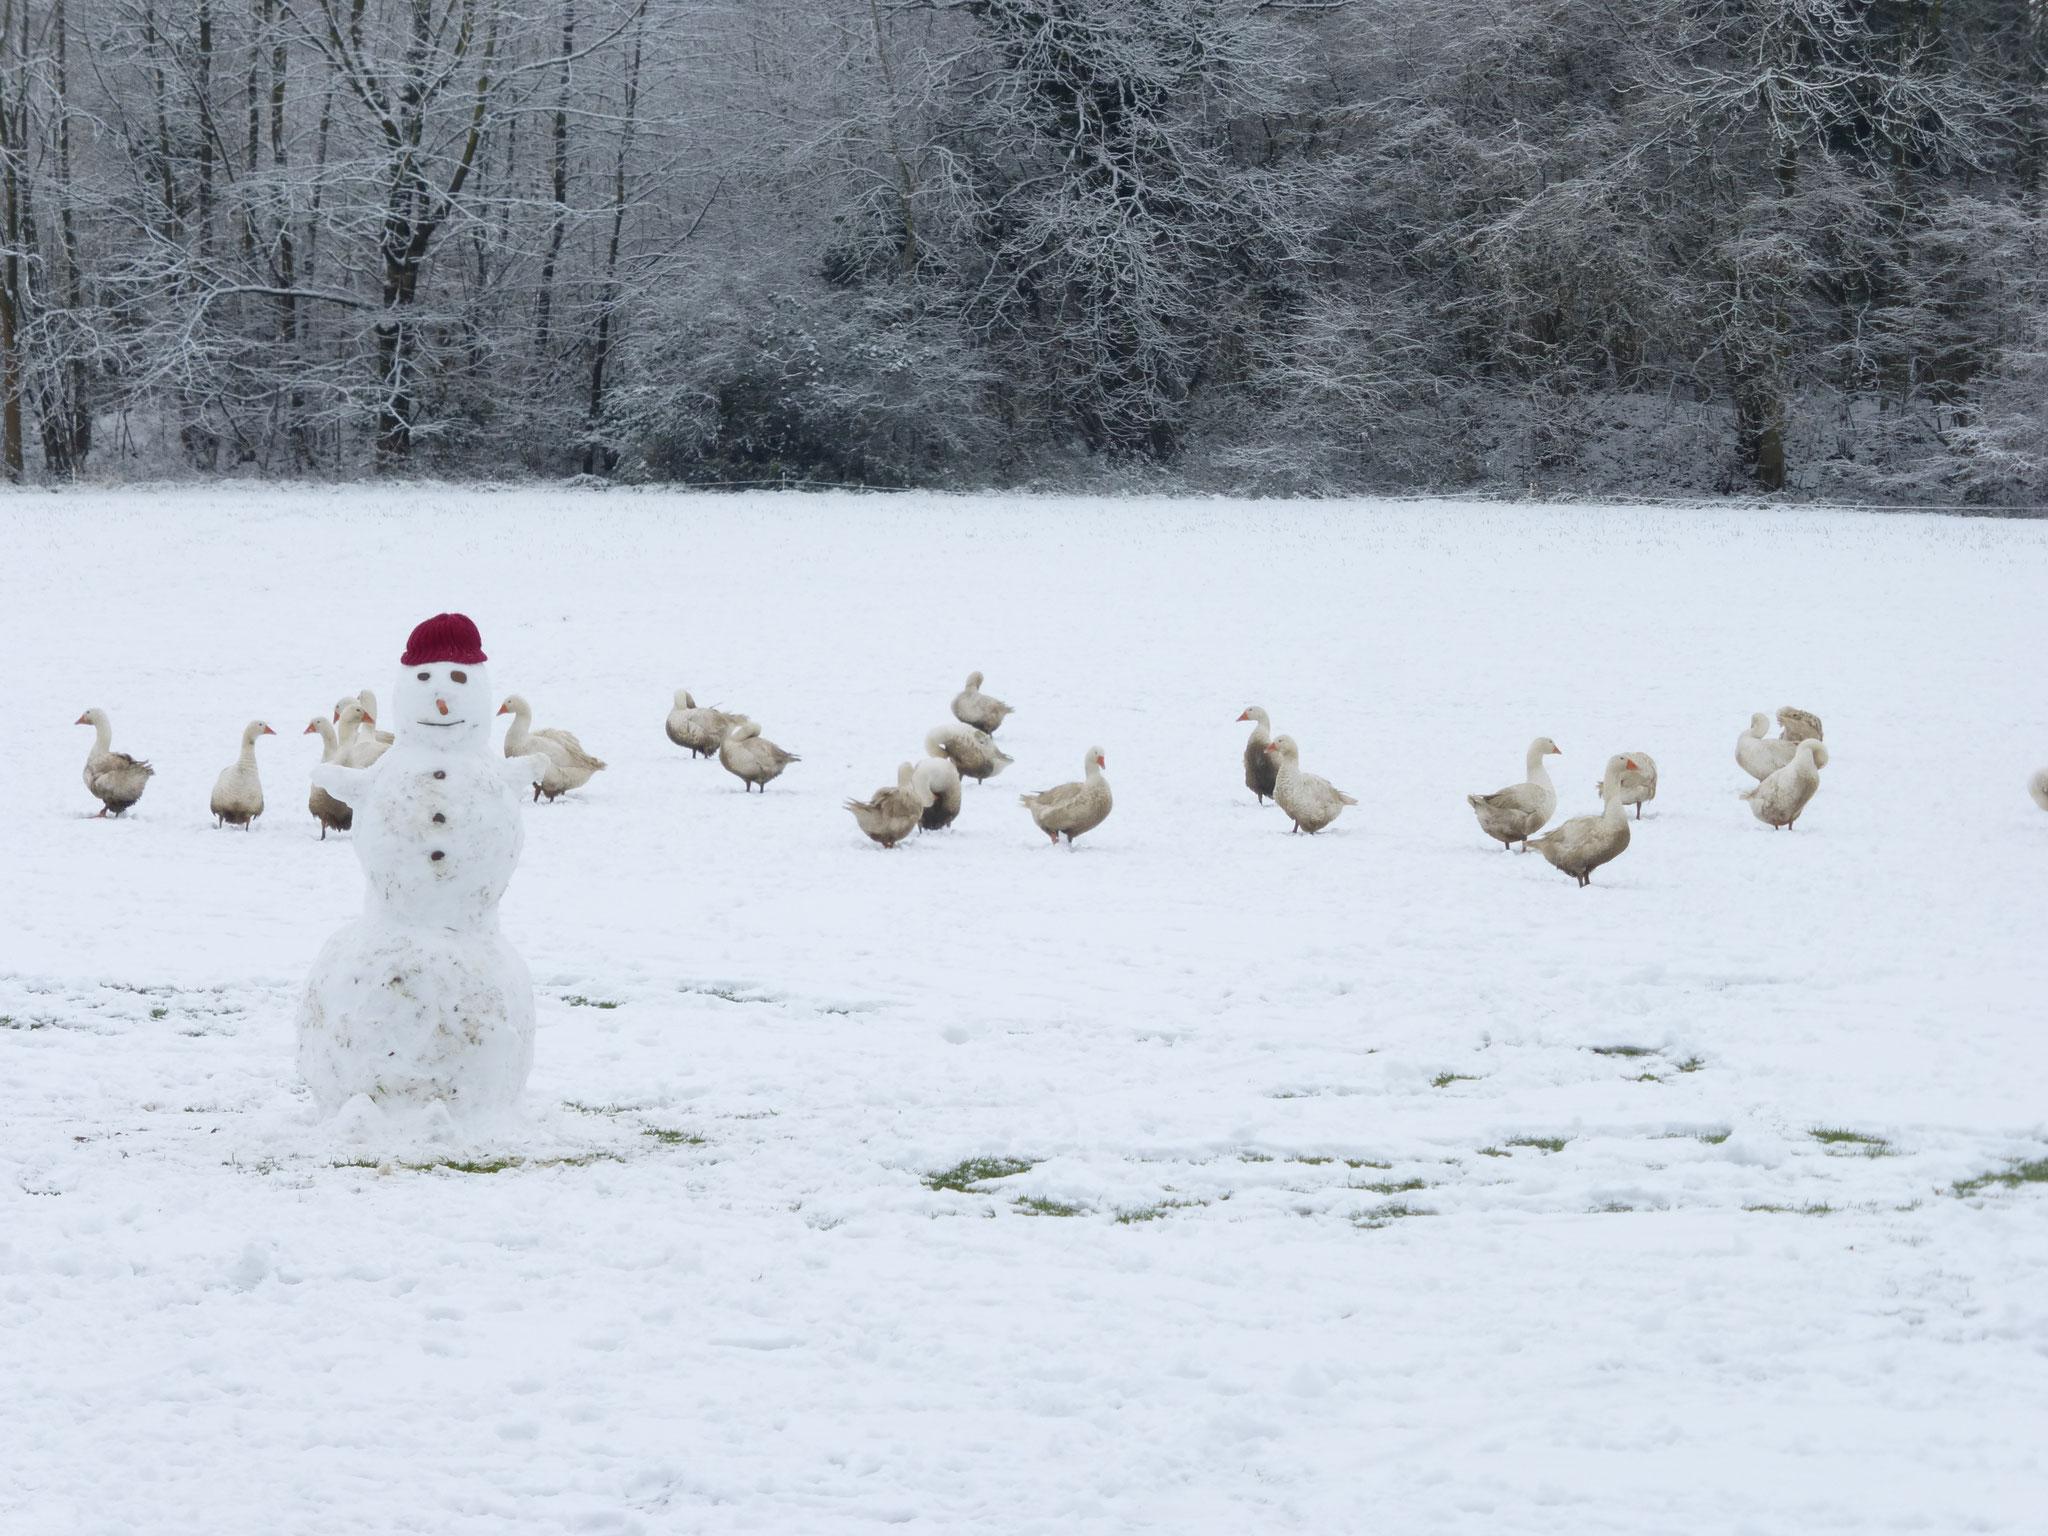 Gänseschar im Schnee